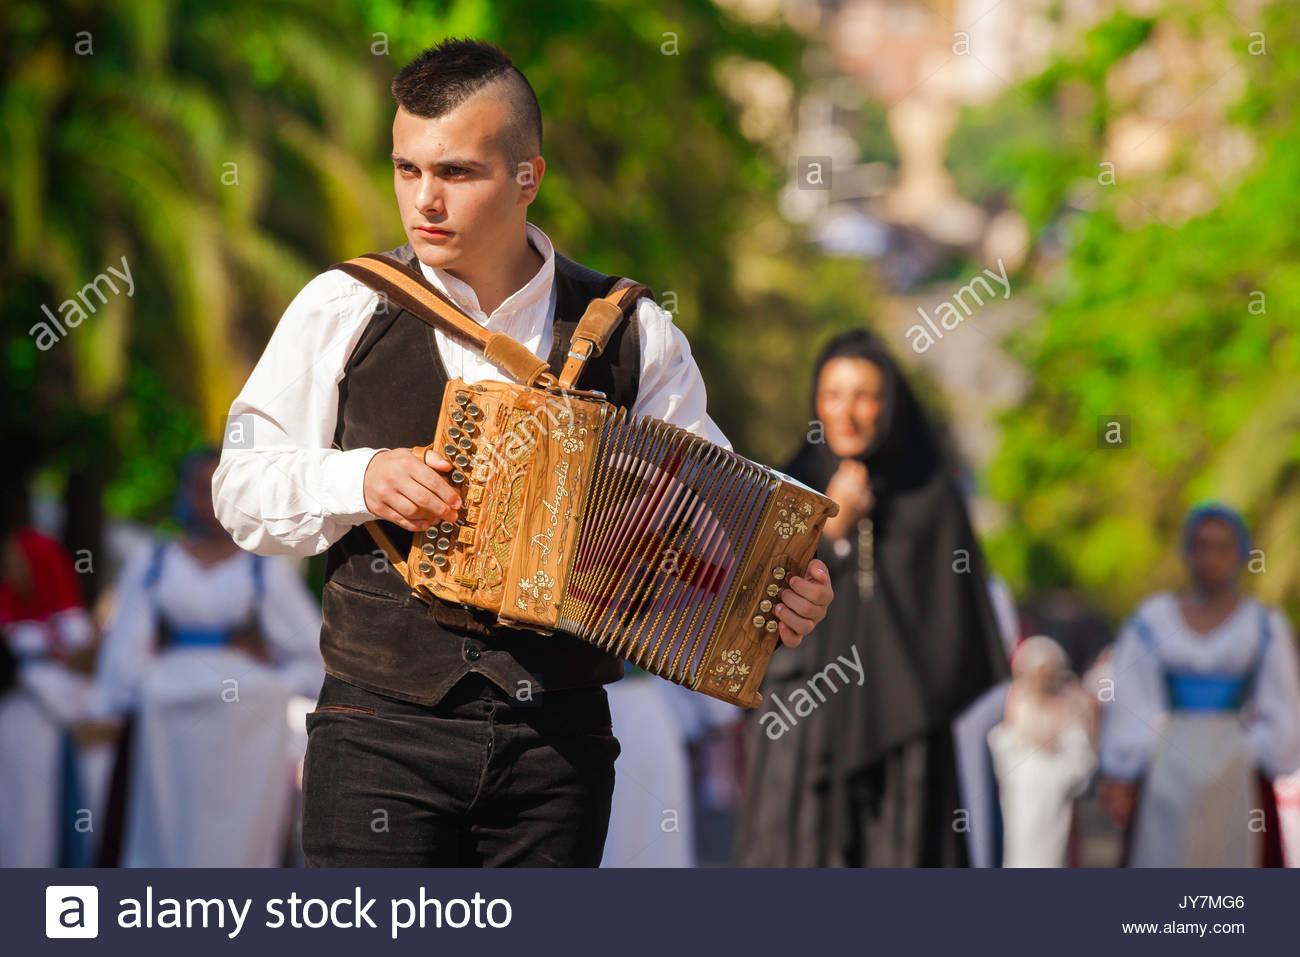 Cavalcata Sassari, portrait of a young accordionist playing in the grand procession of the La Cavalcata festival in Sassari, Sardinia. - Stock Image